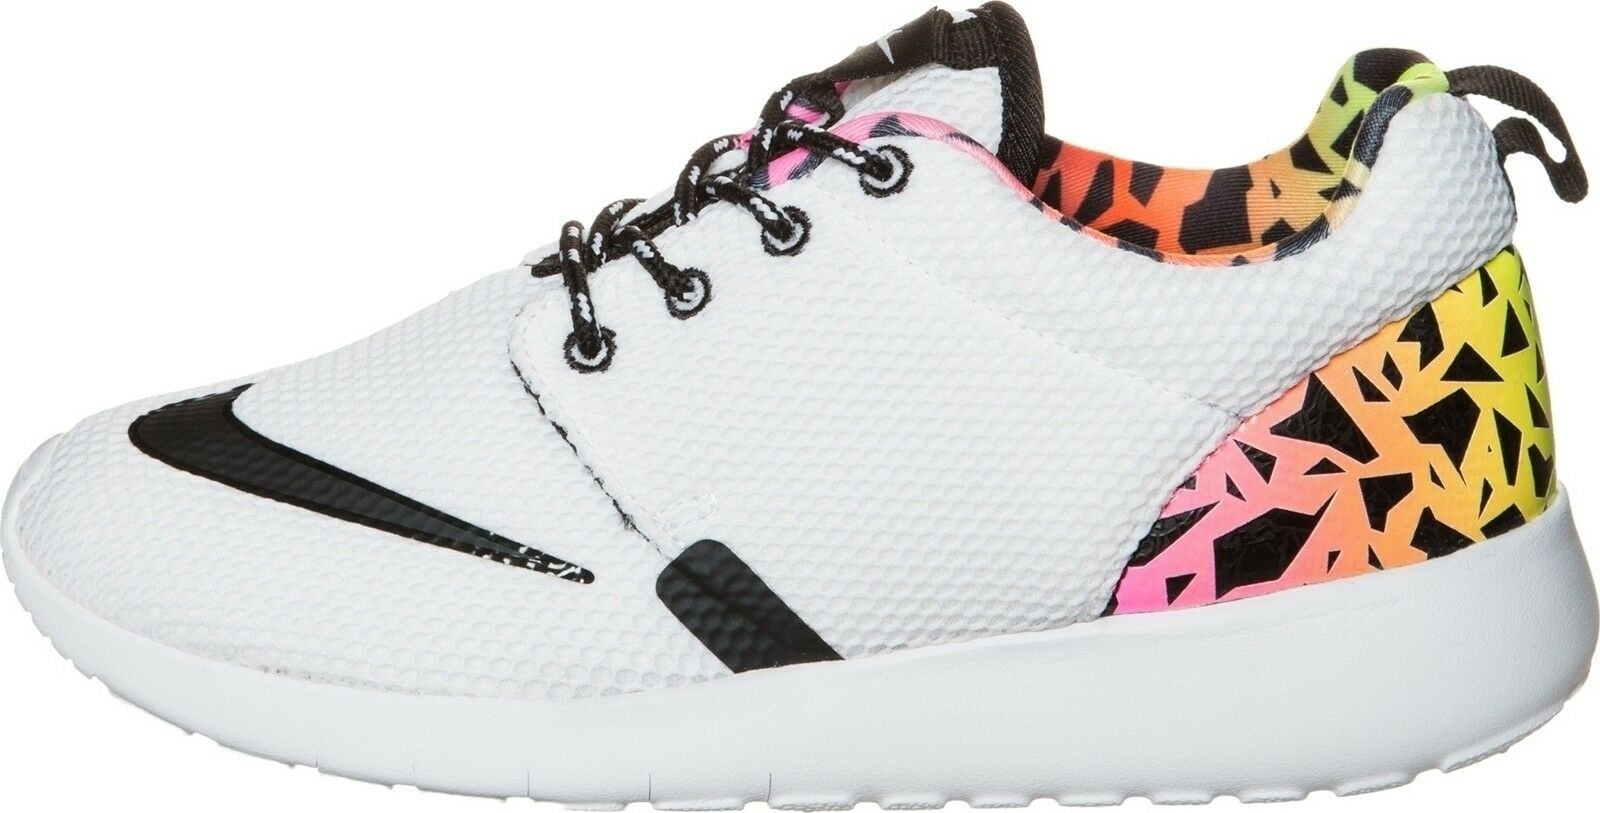 Damenschuhe Nike Roshe Presto One FB Neu Gr:40 Presto Roshe Moire Sneake 810513-100 free flyknit de859f